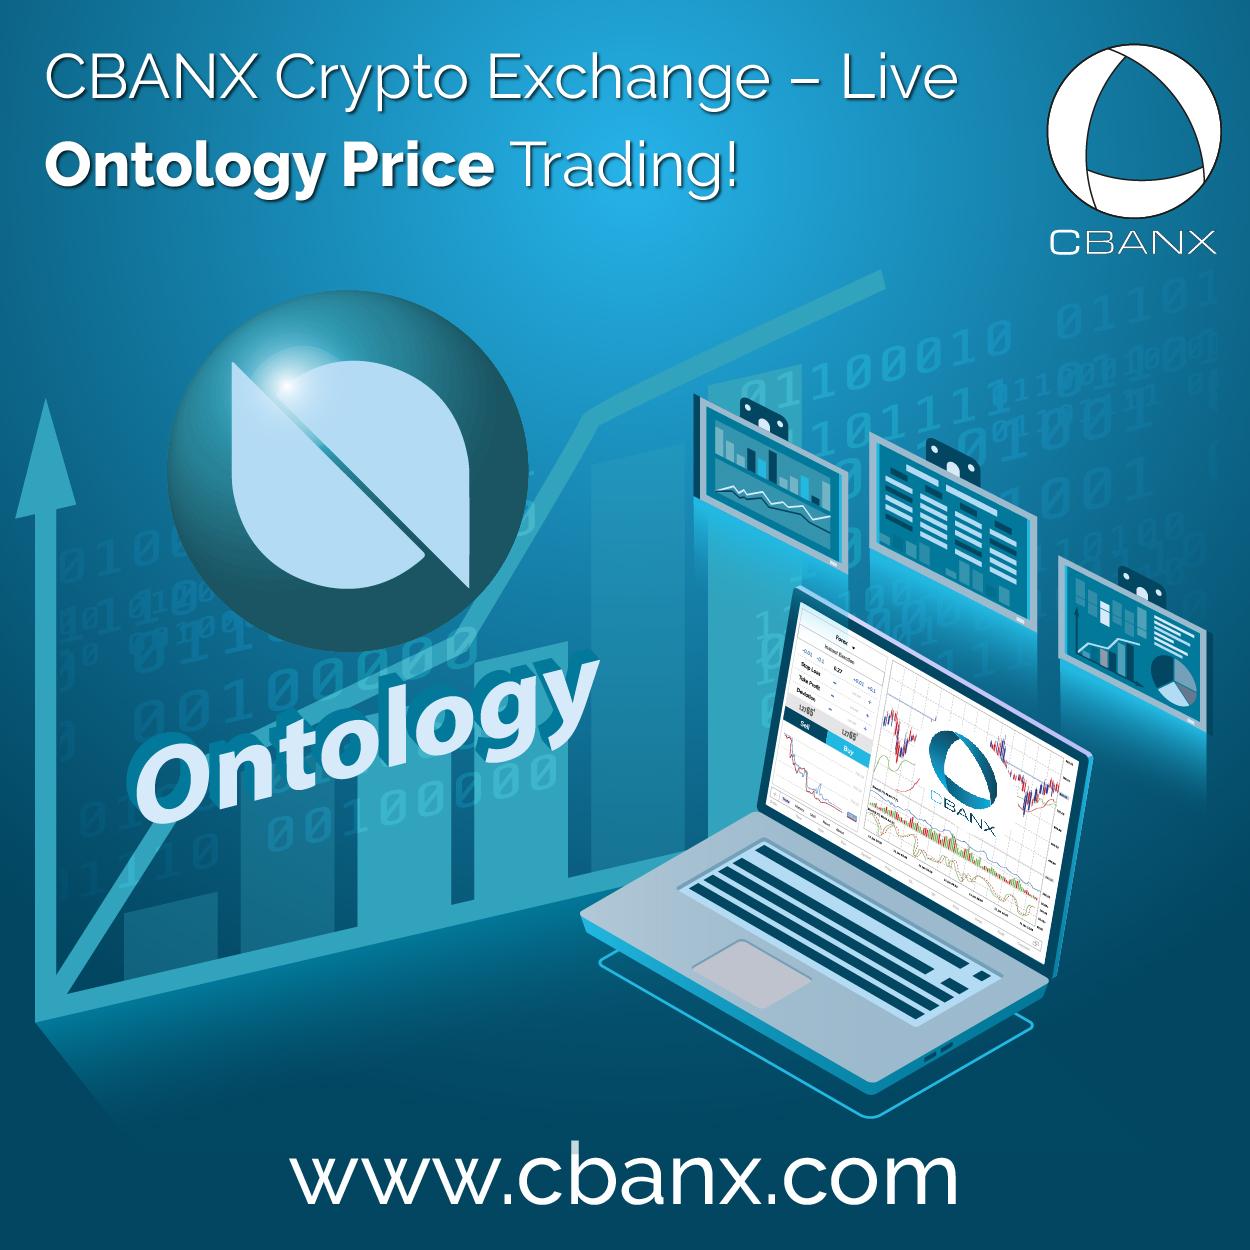 CBANX Crypto Exchange – Live Ontology Price Trading!